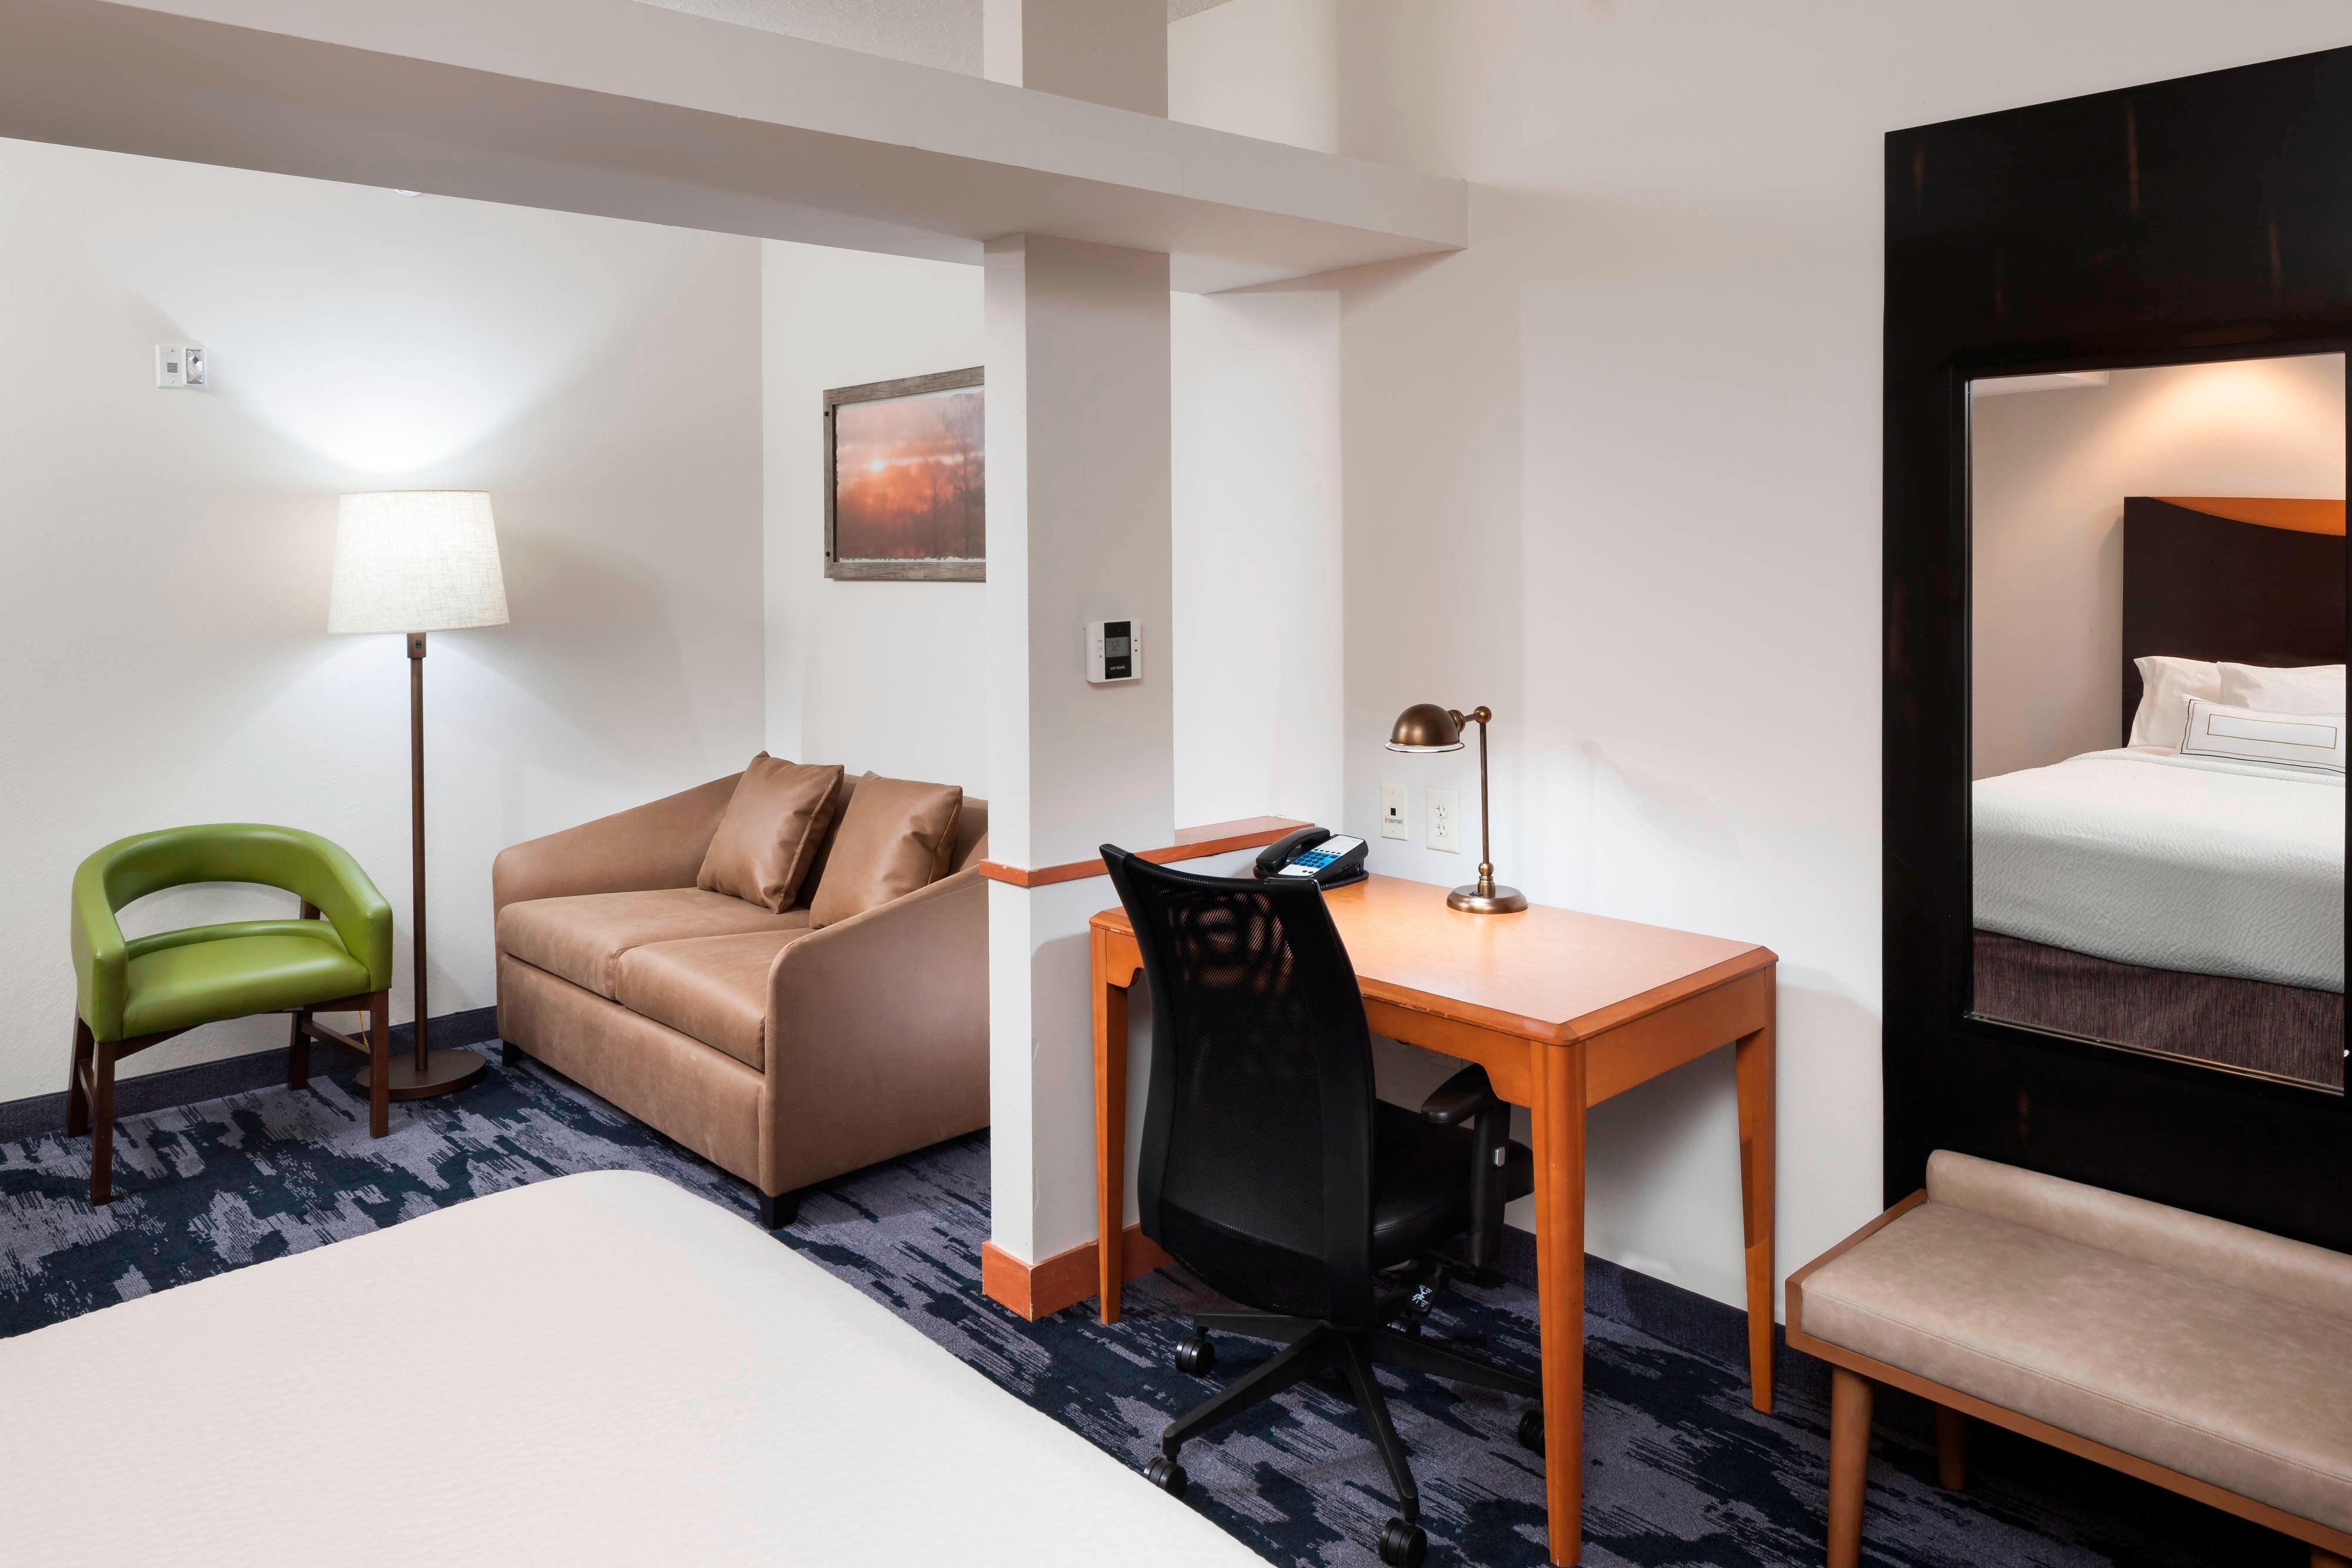 Queen/Queen Suite - In-Room Amenities